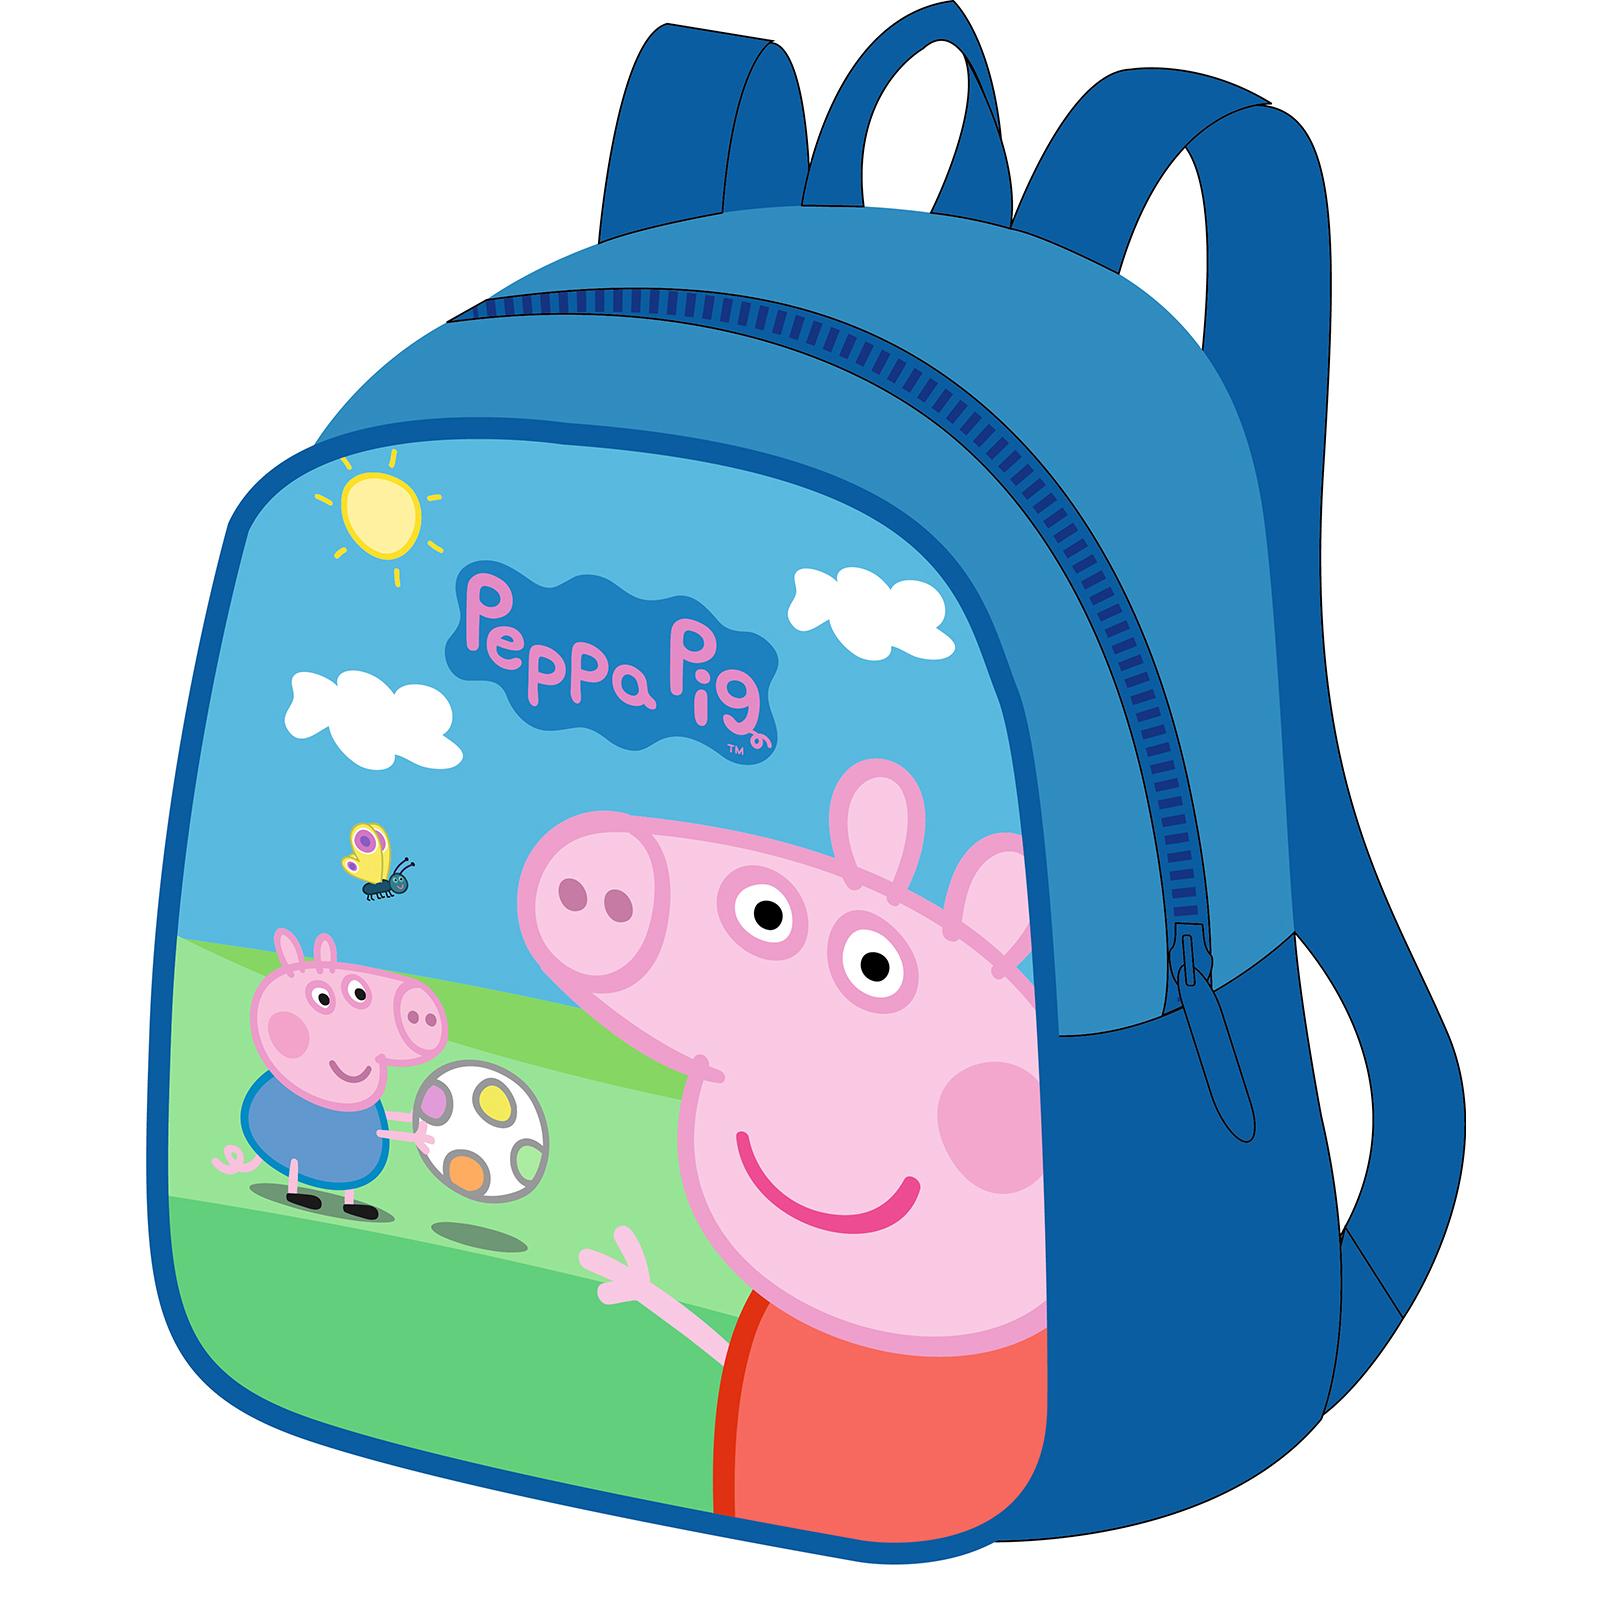 Рюкзак Свинка Пеппа, малыйЯркий рюкзак Peppa Pig от производителя Росмэн имеет небольшой размер, удобную классическую форму и подойдет детям от 3 лет. Маленькому обладателю рюкзачка будет удобно носить в нем свои игрушки и другие мелкие вещи, а забавные герои мультфильма Свинка Пеппа всегда развеселят и поднимут настроение!<br>